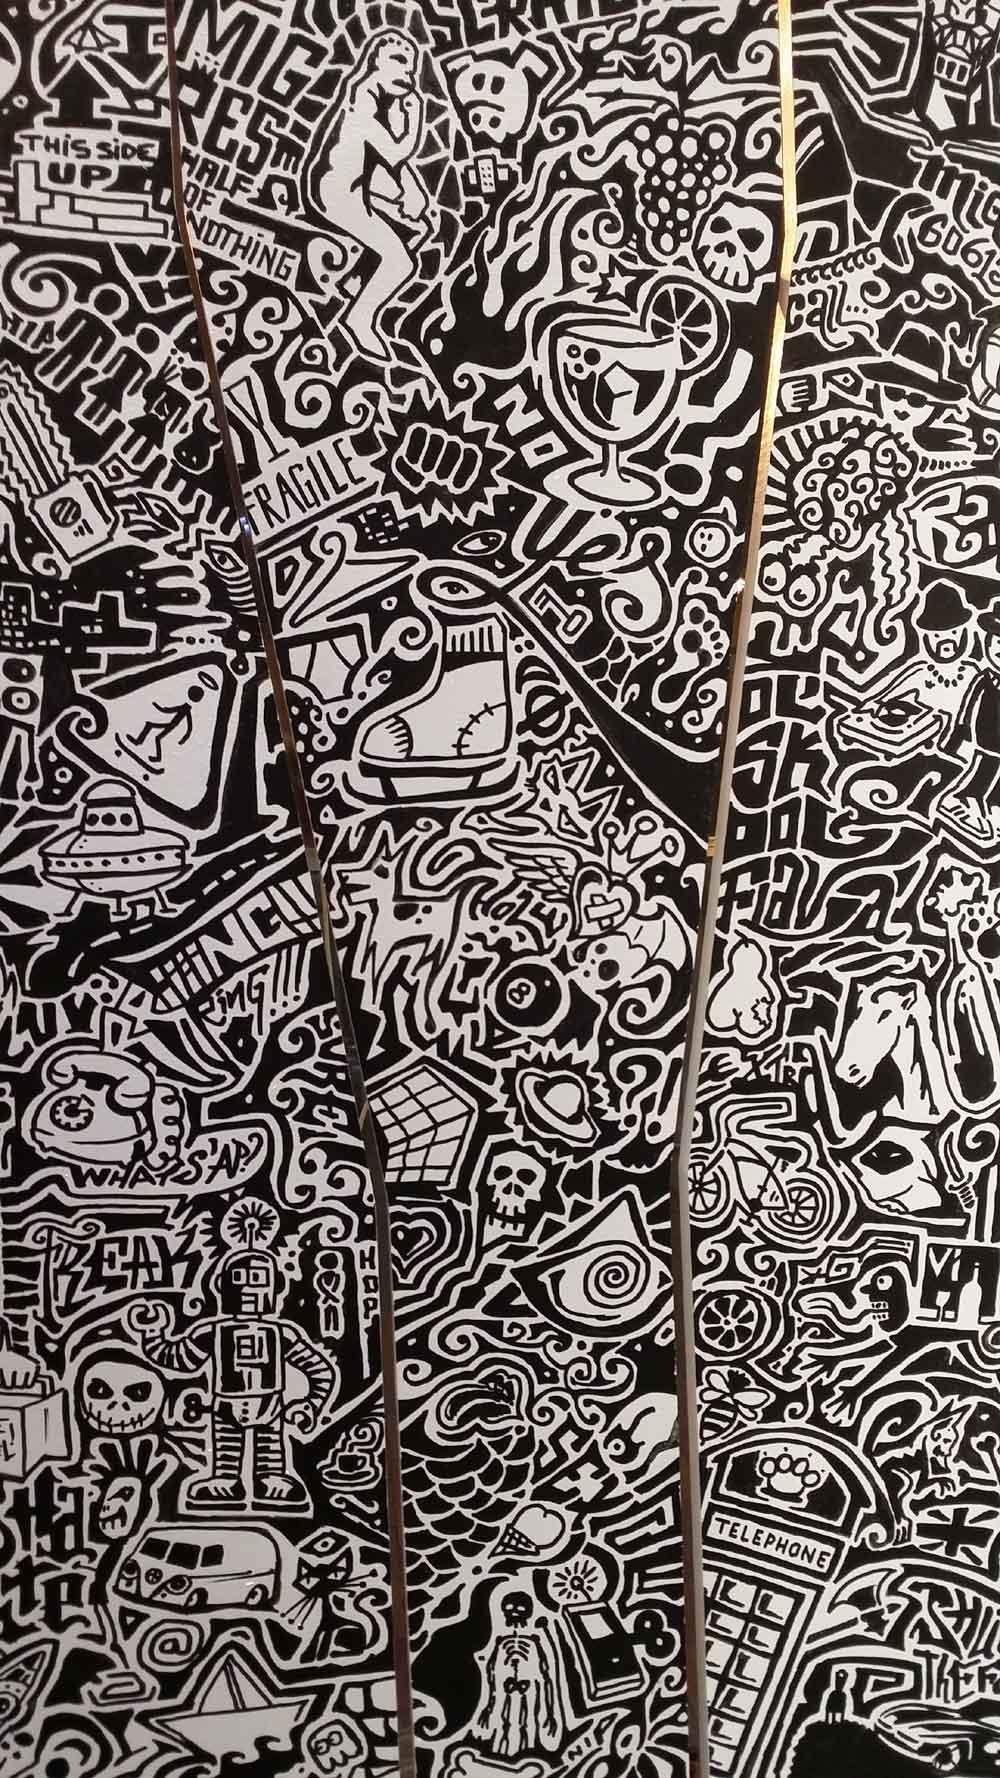 mural-decorativo-artistico-graffiti